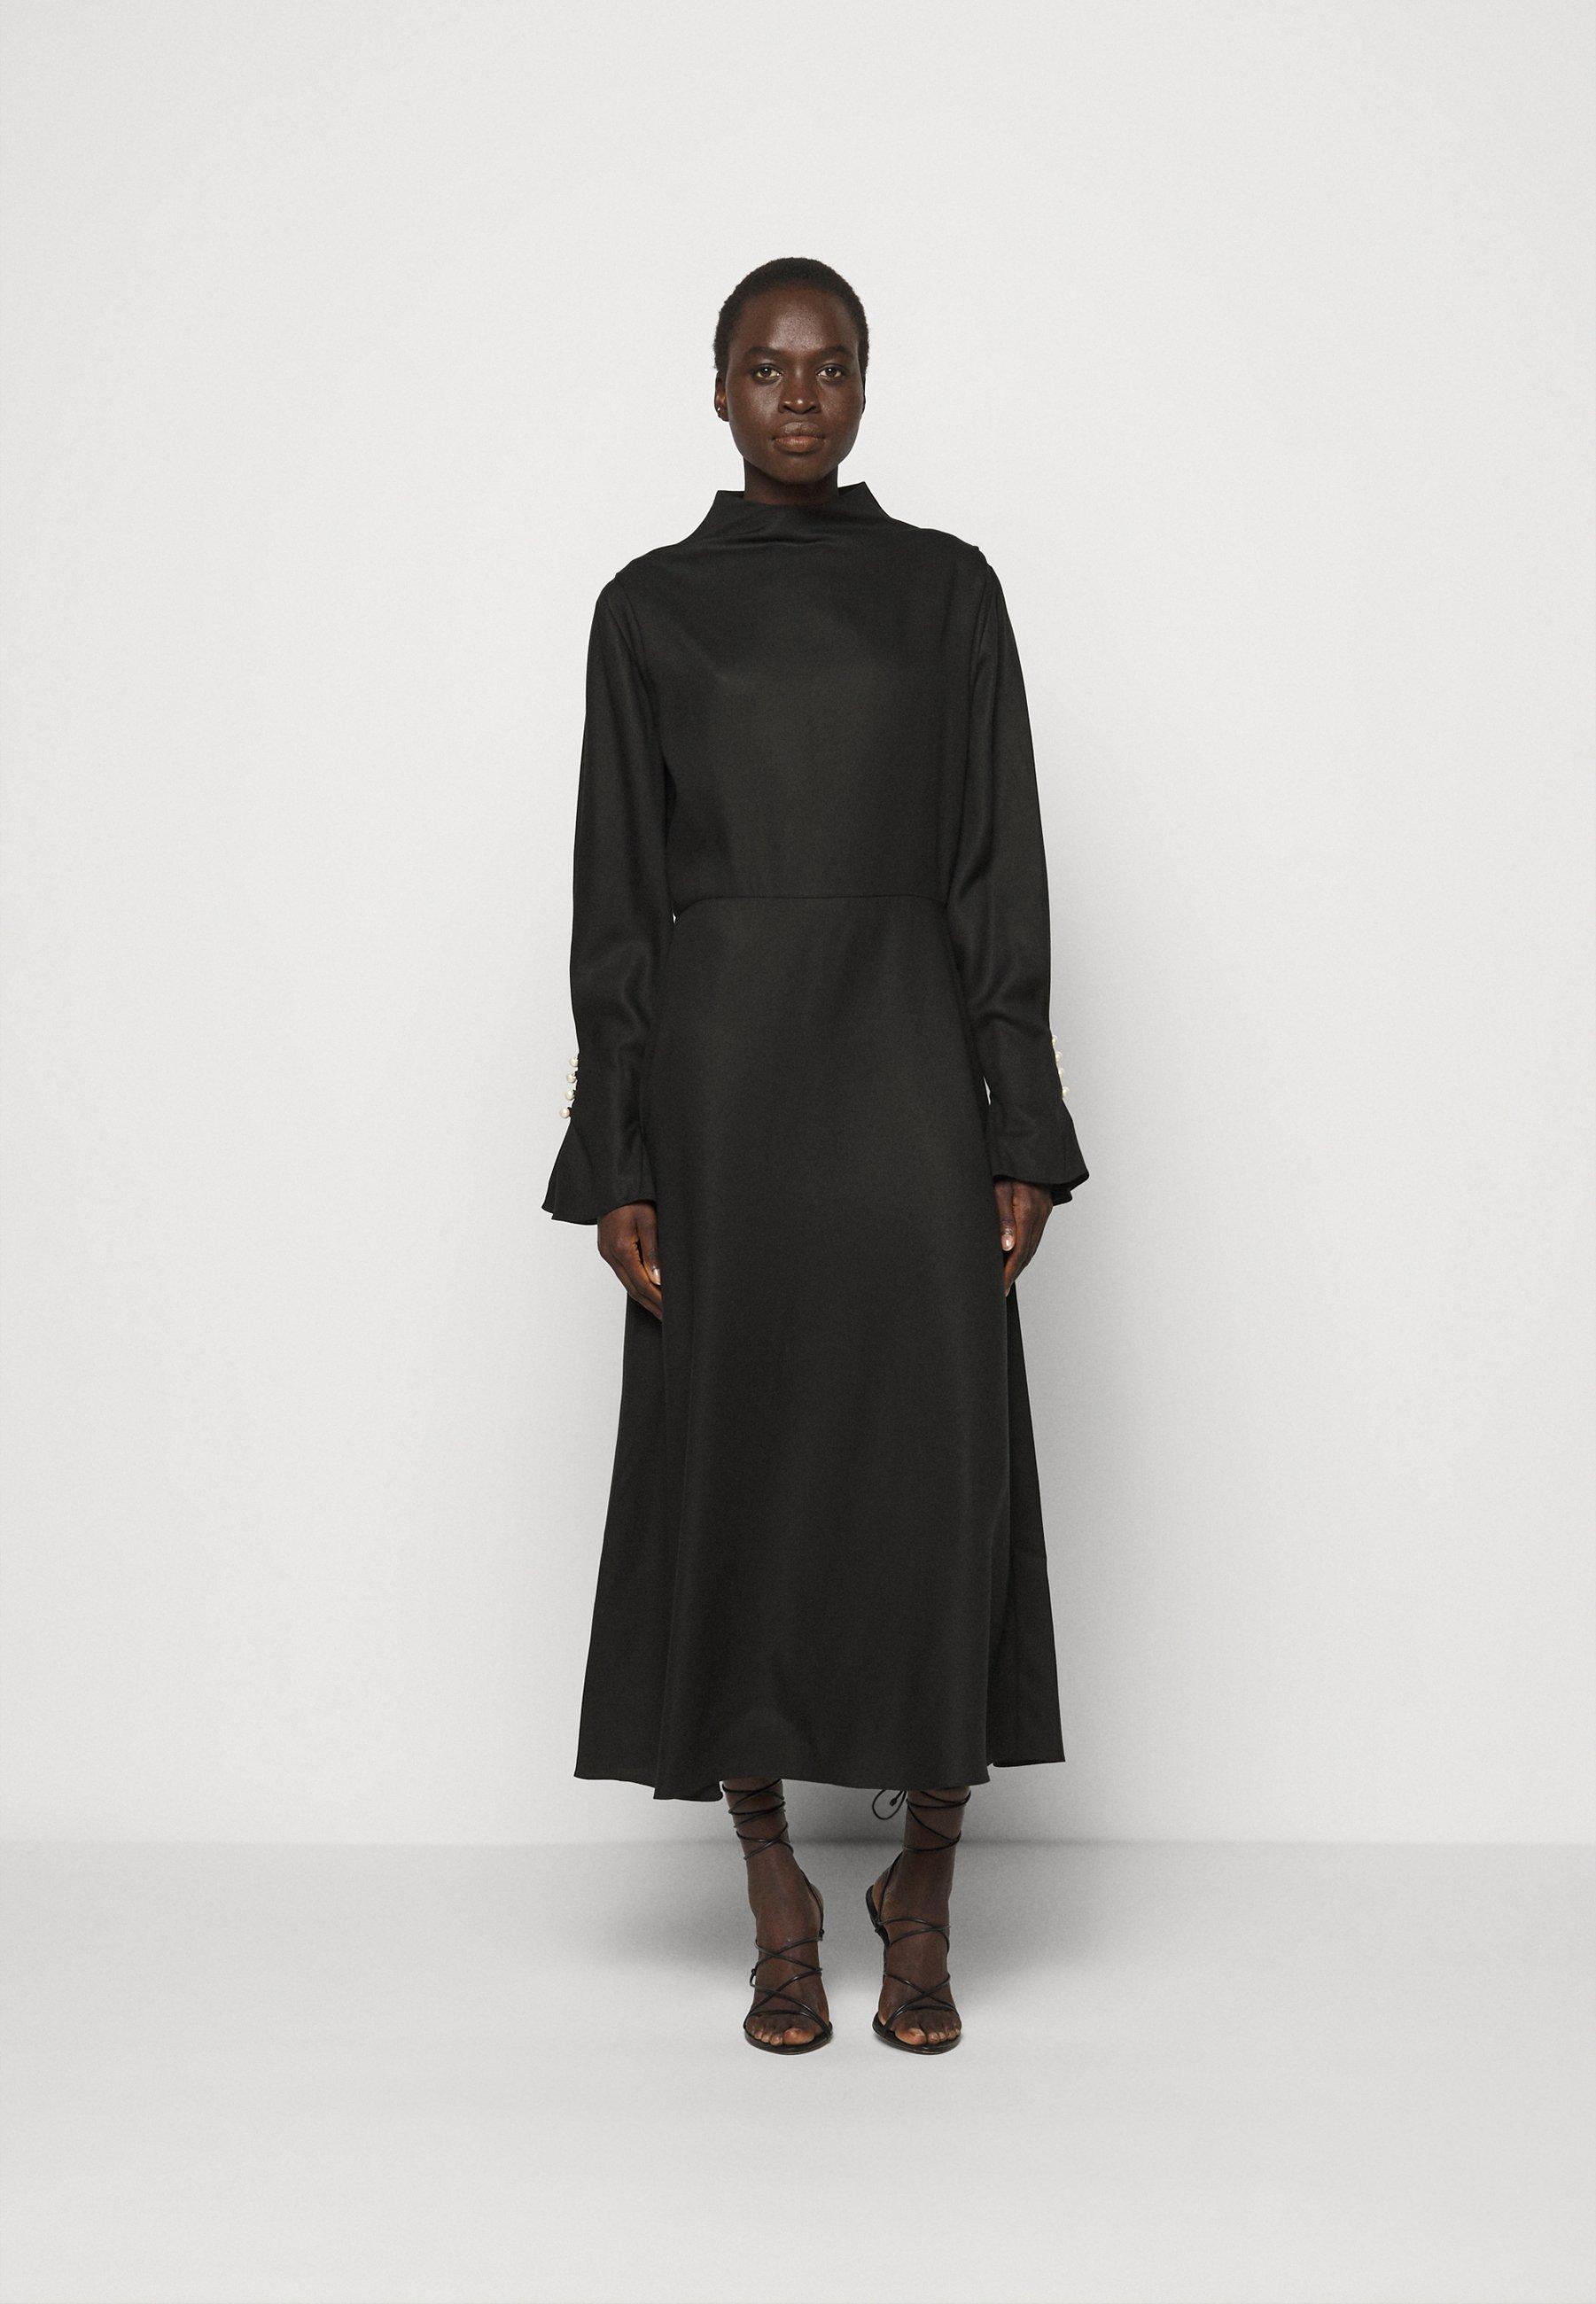 Femme MIDI DRESS WITH BUTTON SLEEVE - Robe de soirée